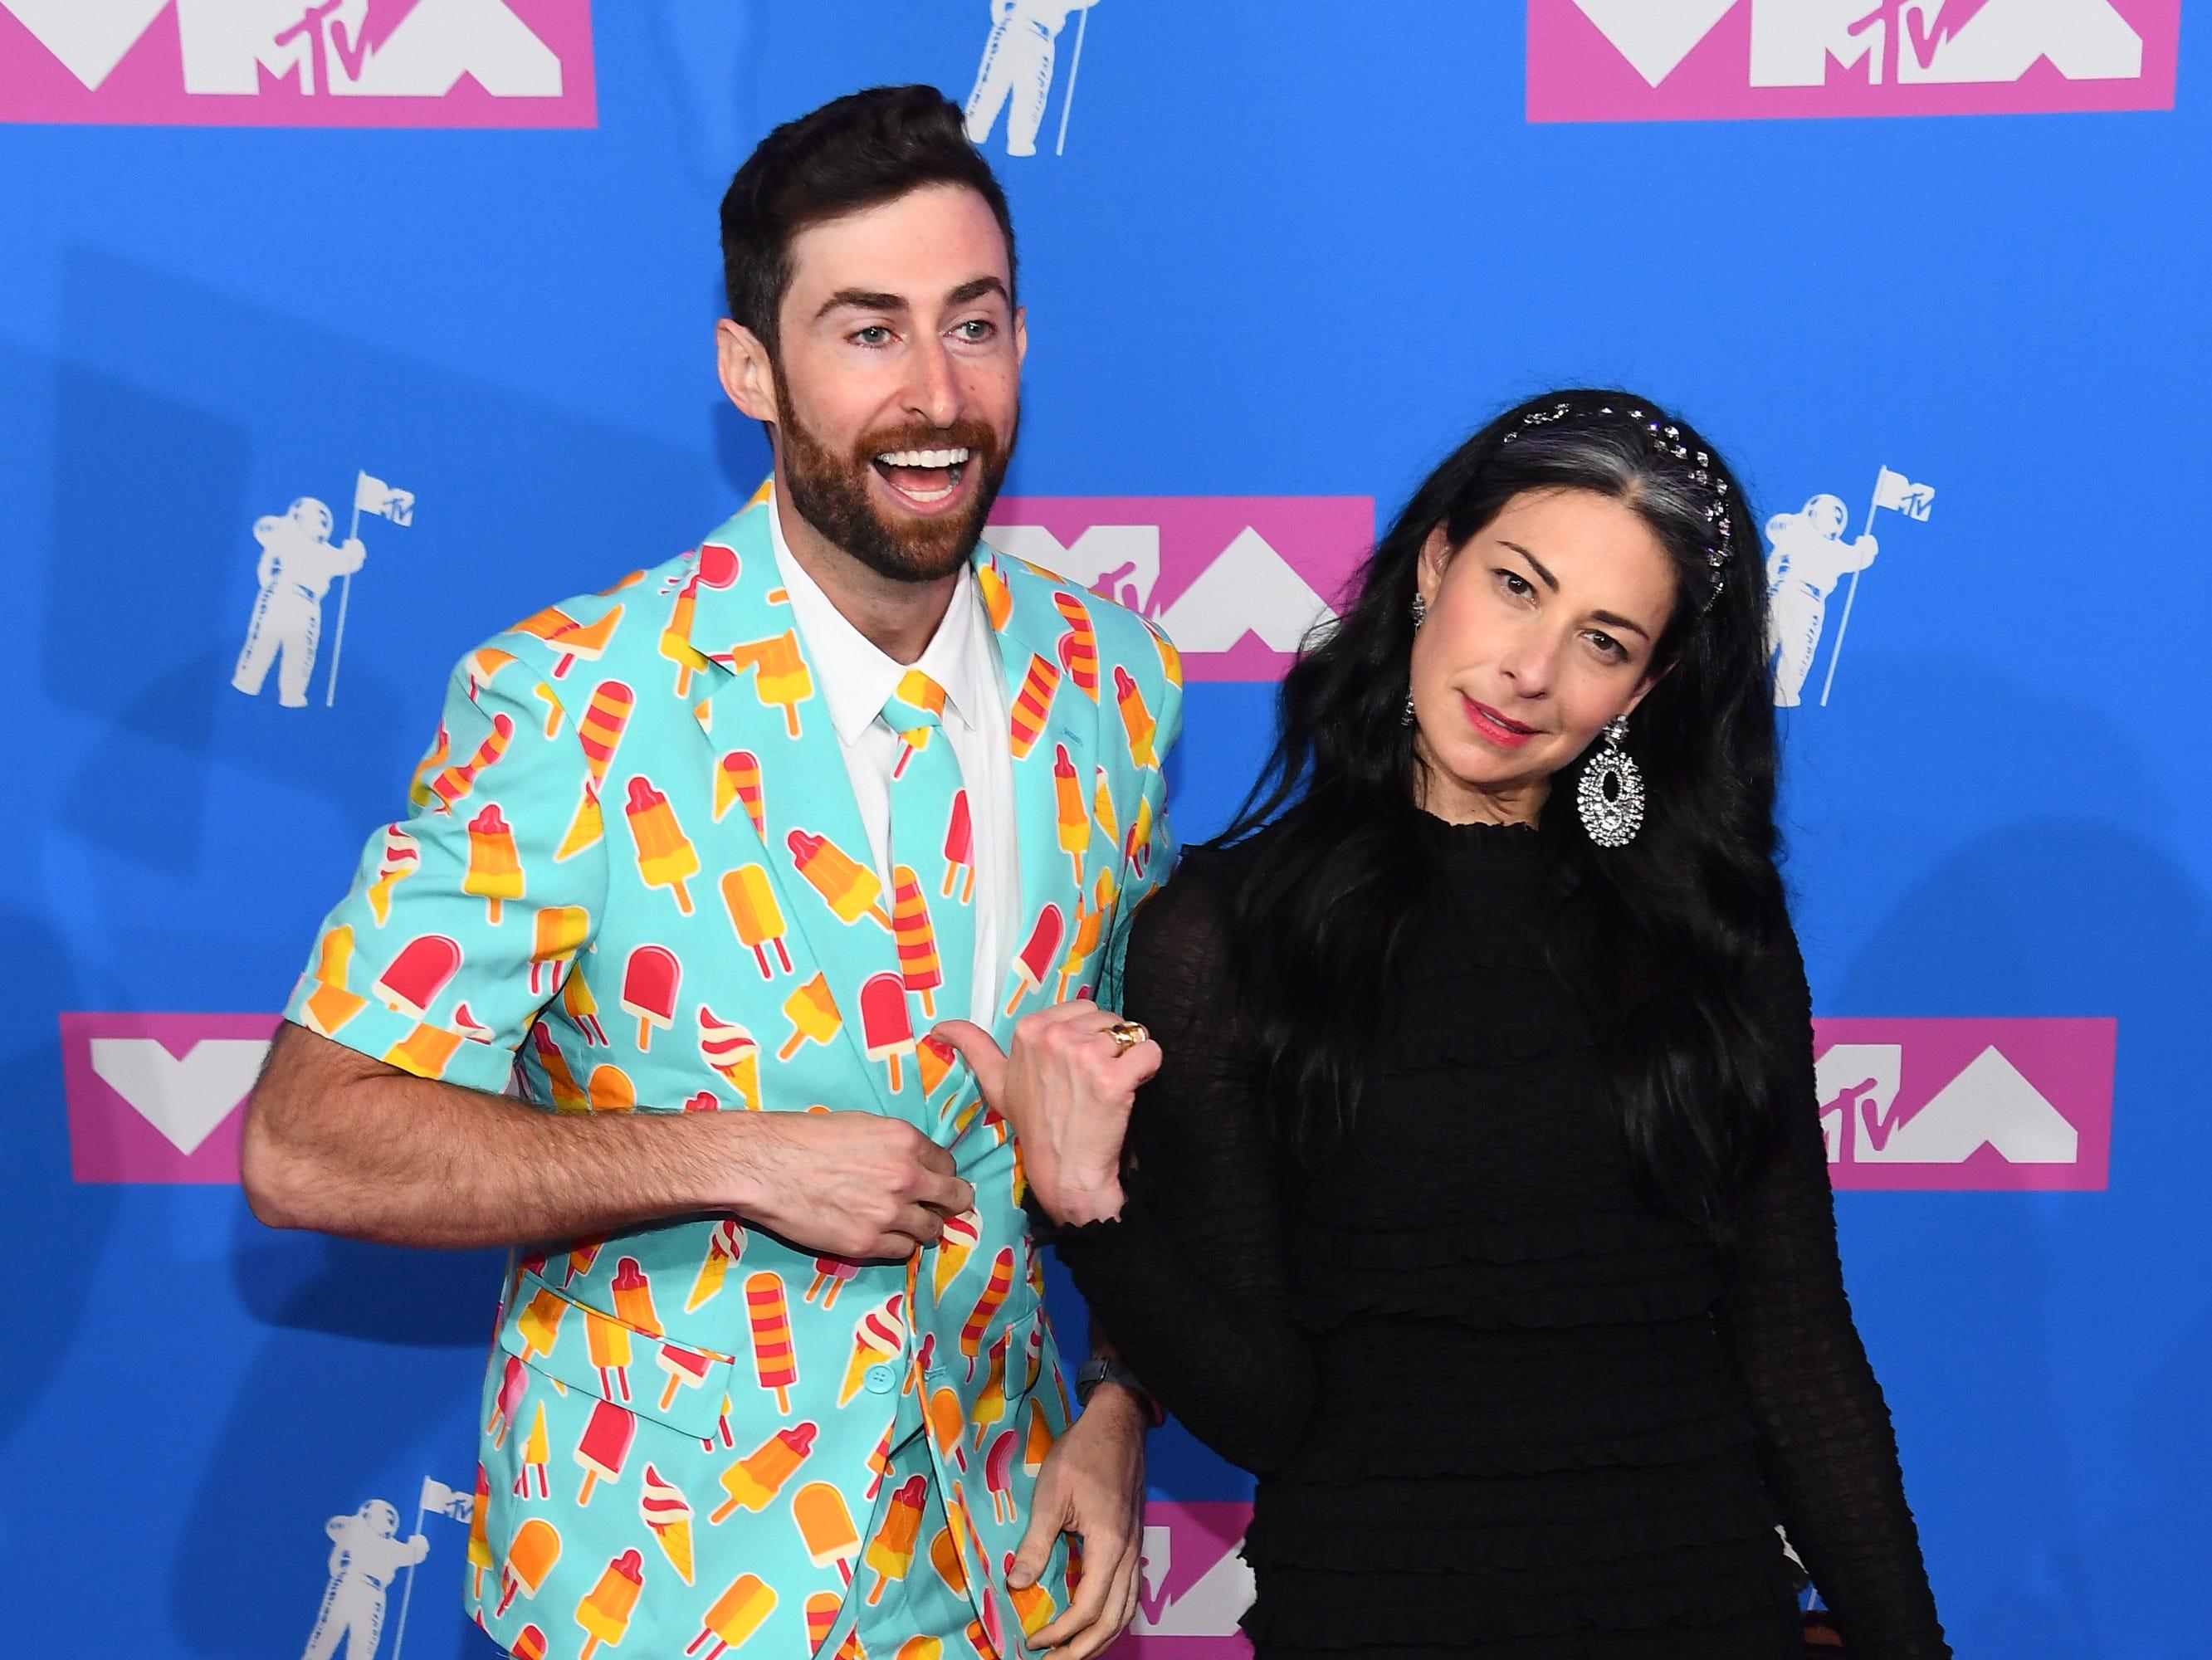 Scott Rogowsky y Stacy London asisten a los MTV Video Music Awards 2018 en el Radio City Music Hall el 20 de agosto de 2018 en la ciudad de Nueva York.